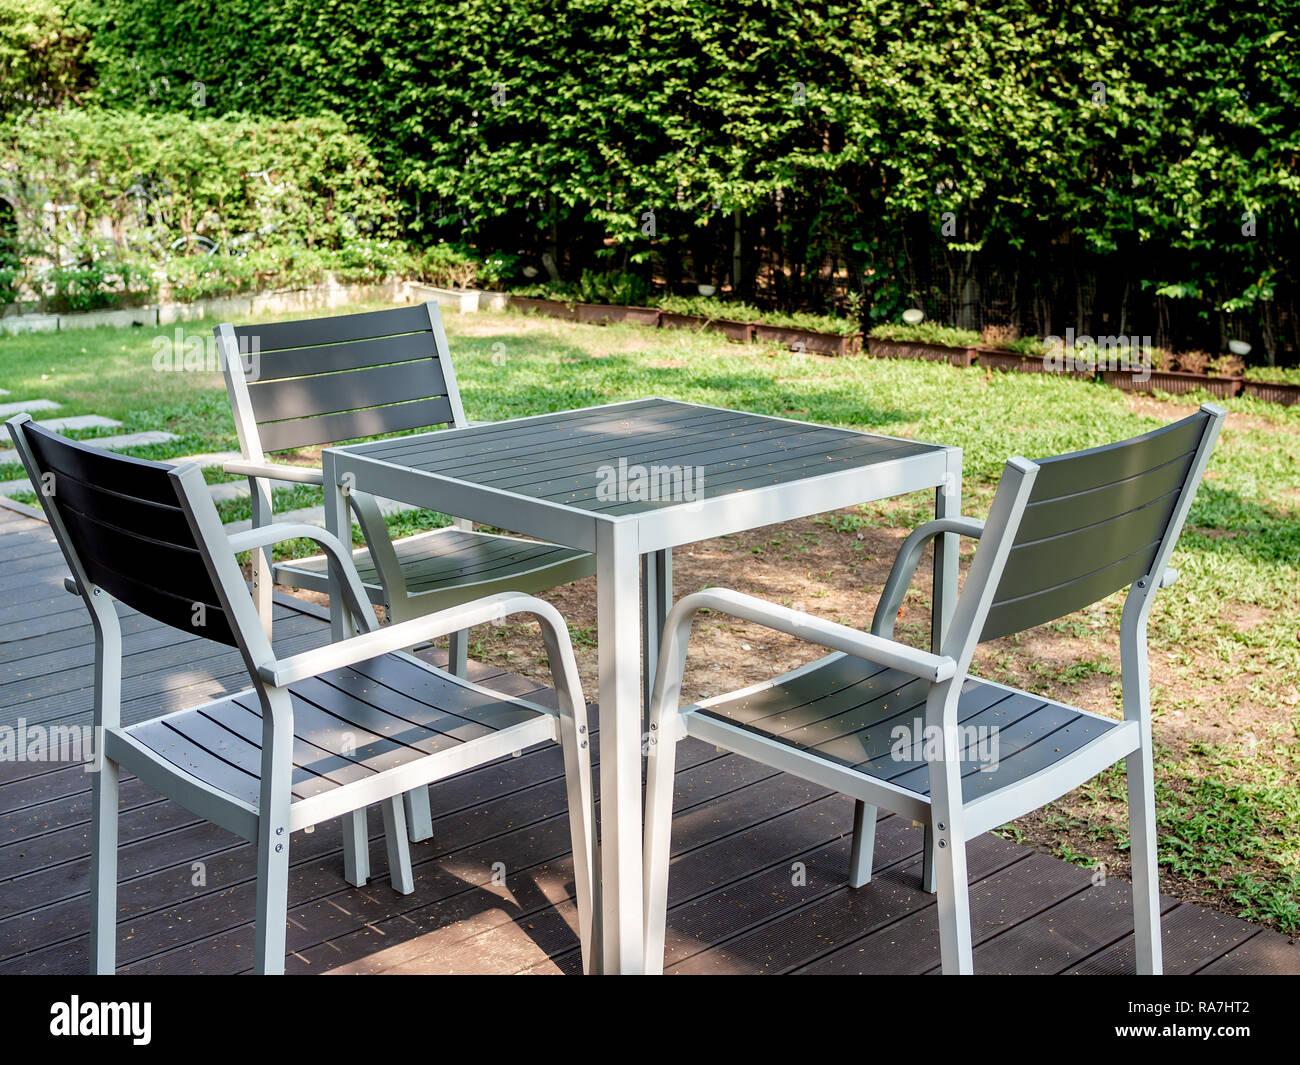 Carre Bois Jardin | Table De Jardin Carrée 8 Personnes Minimaliste ...